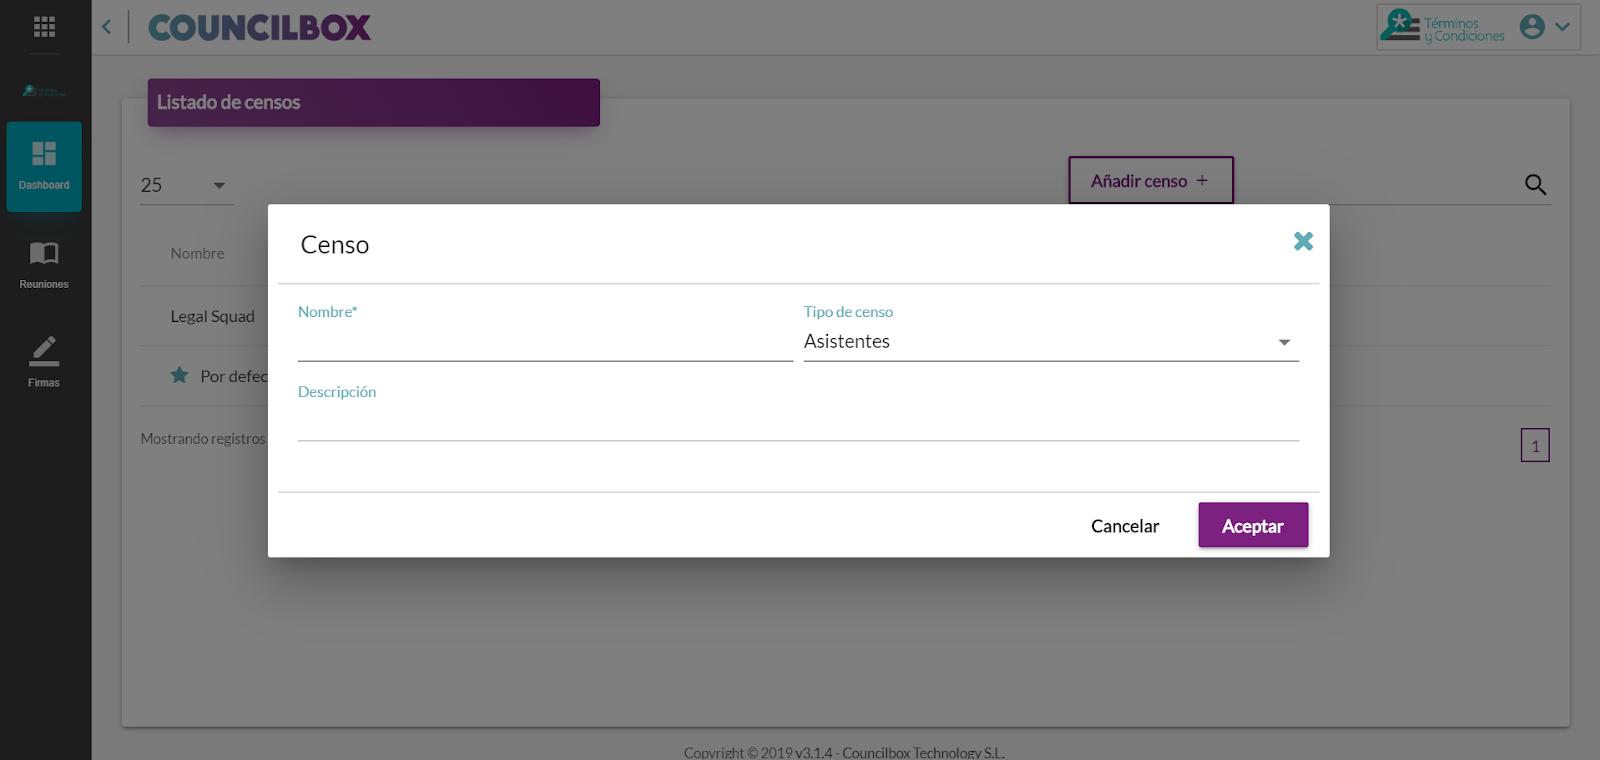 Cómo añadir un censo en Councilbox